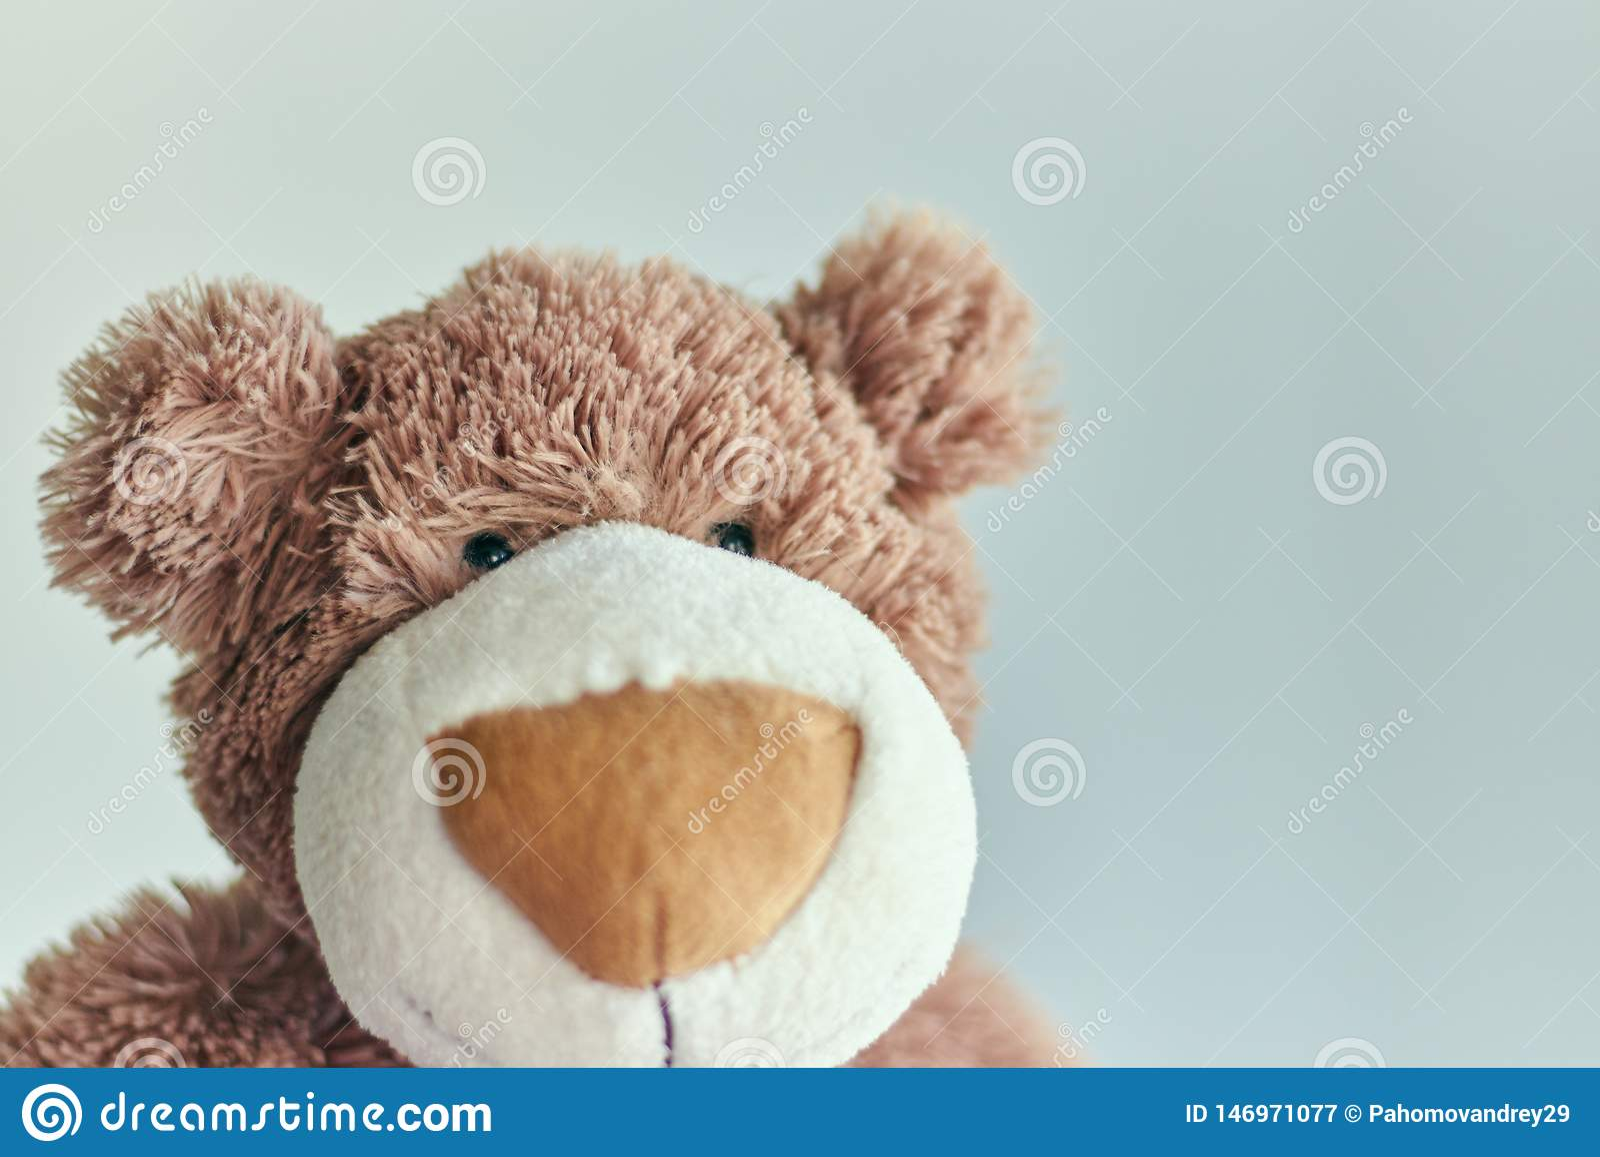 Urso de peluche do brinquedo dos bearchildren da peluche isolado em um fundo claro close up de uma cabe?a de urso de peluche